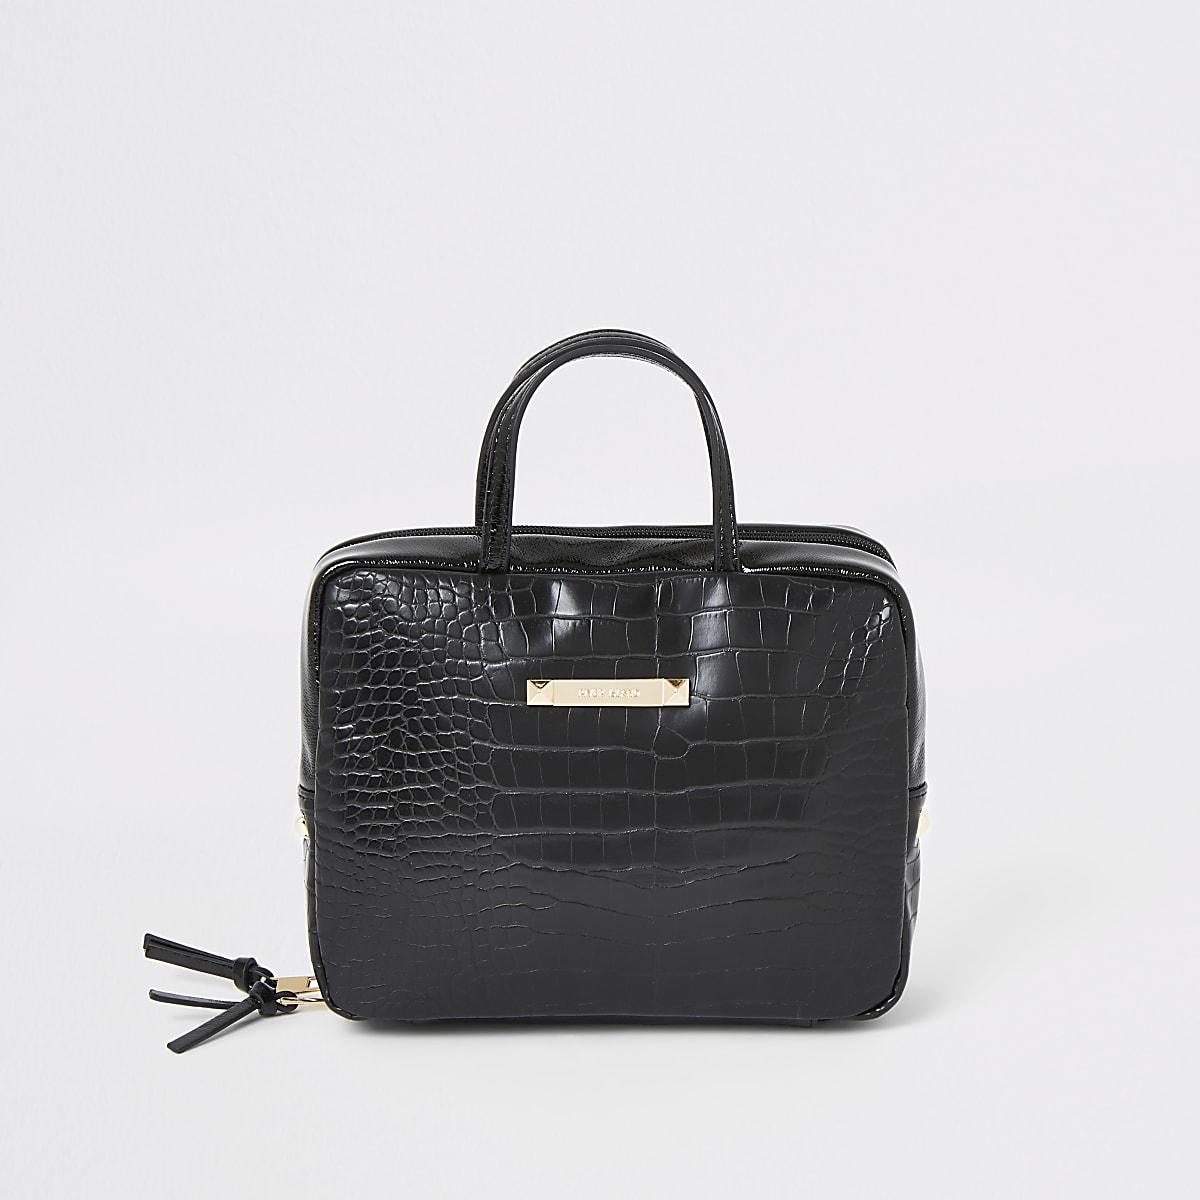 Zwarte imitatieleren tas met krokodillenreliëf